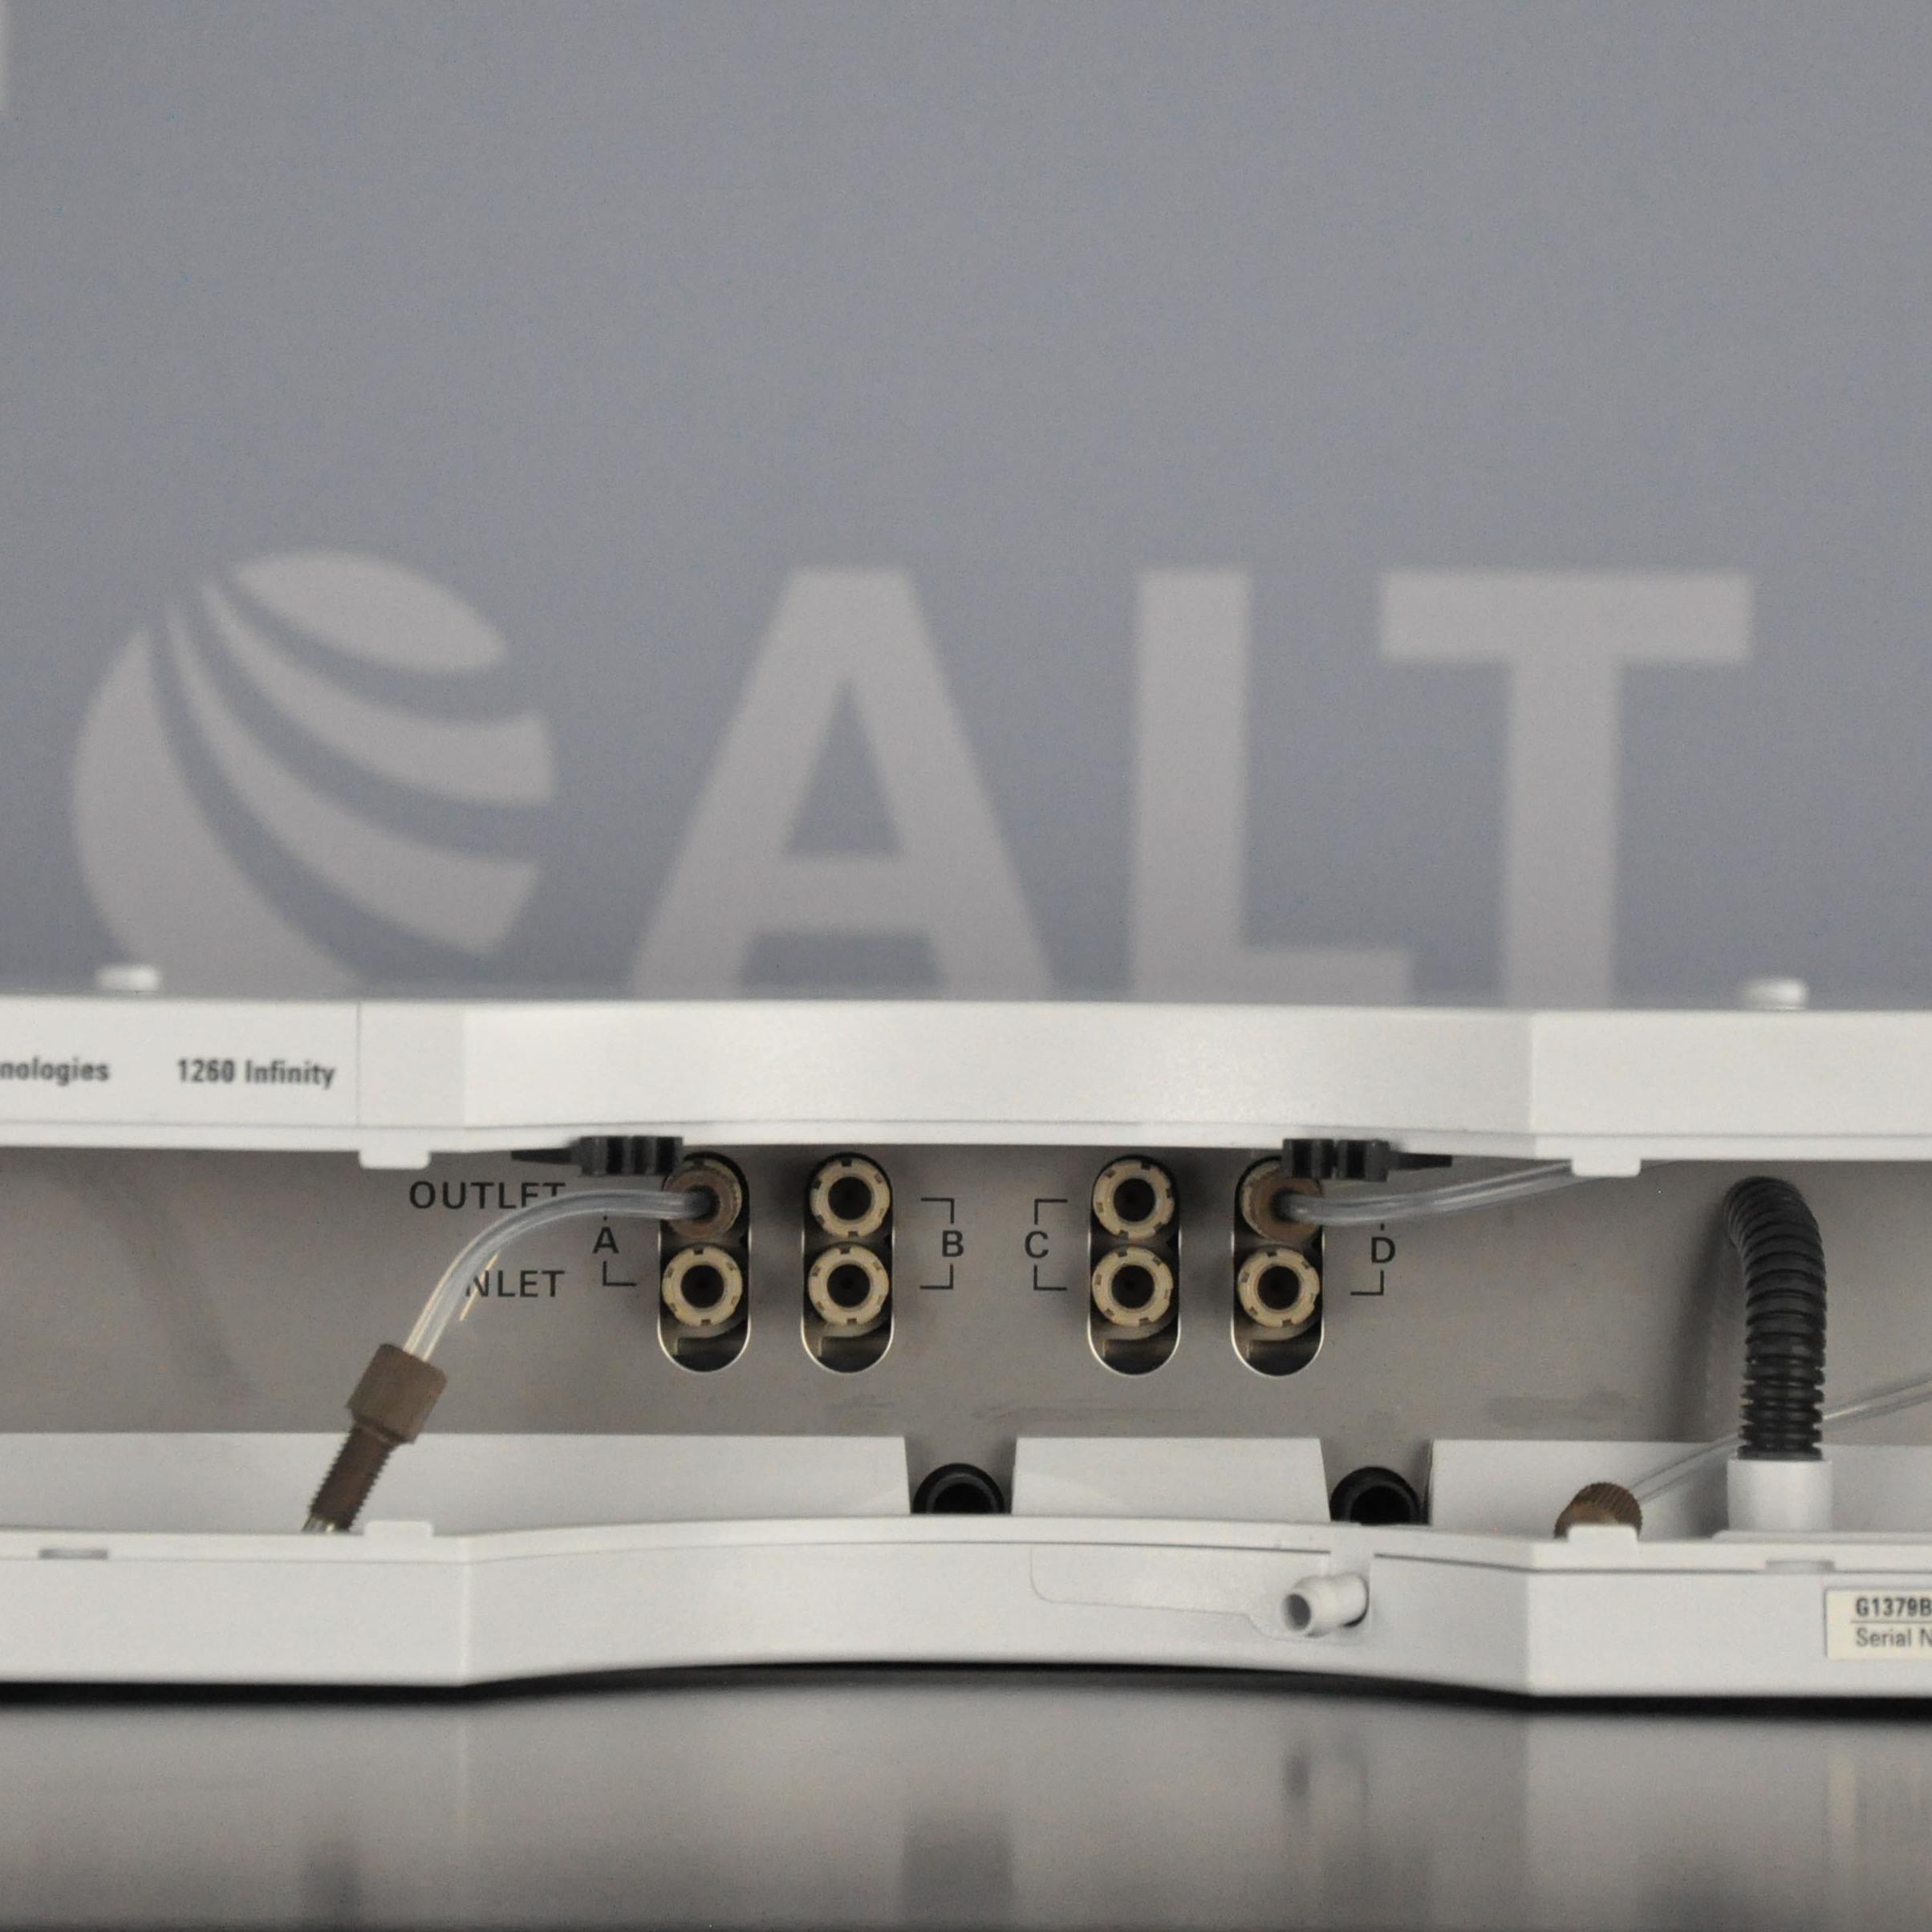 Agilent Technologies 1260 Series G1379B Degasser Image